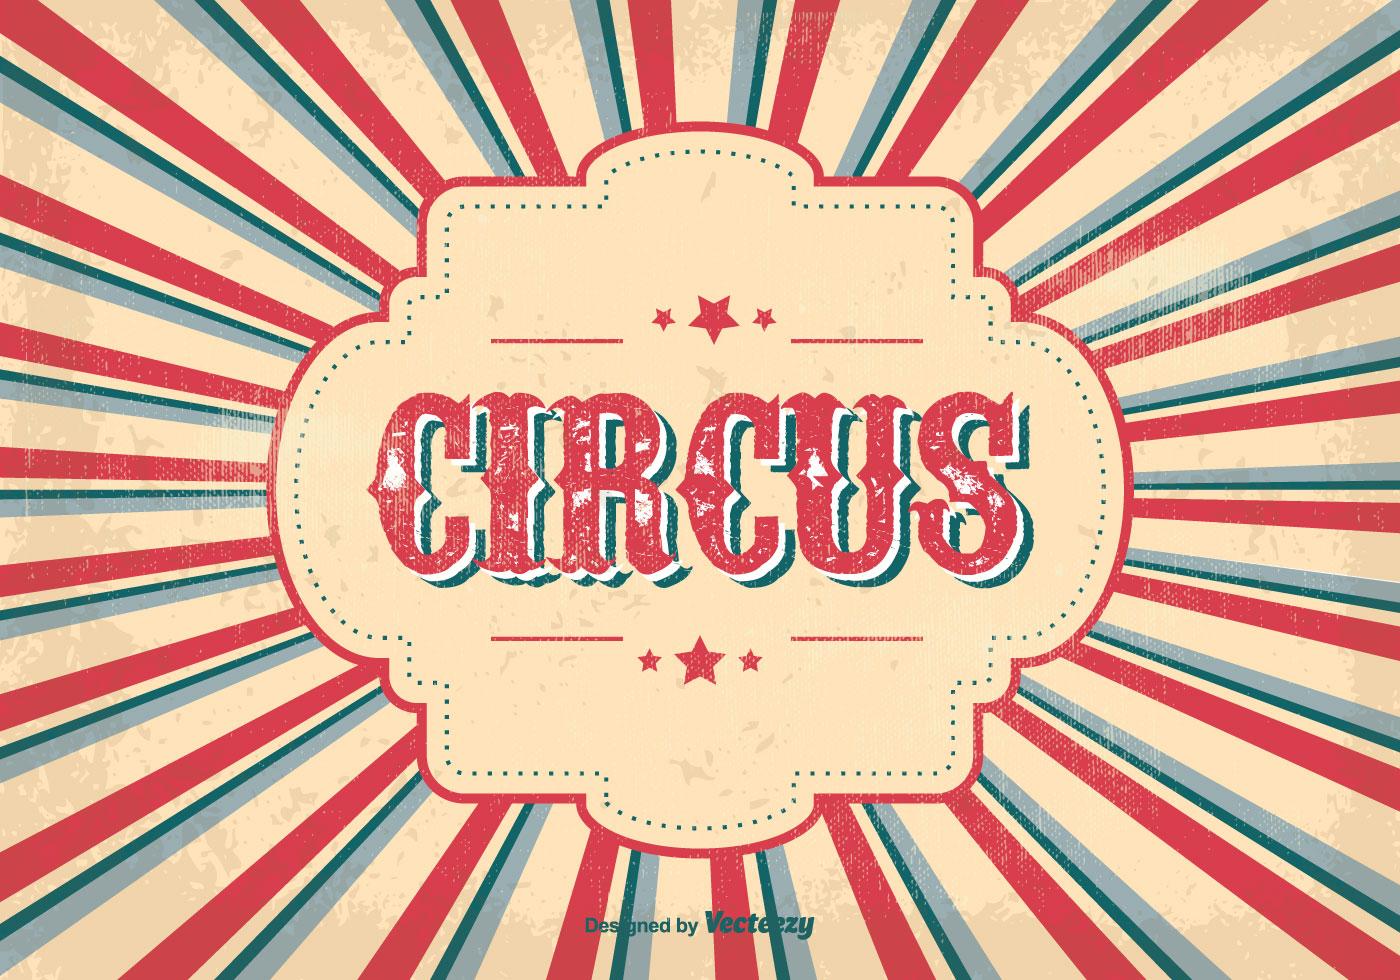 Afbeeldingsresultaat voor vintage circus poster